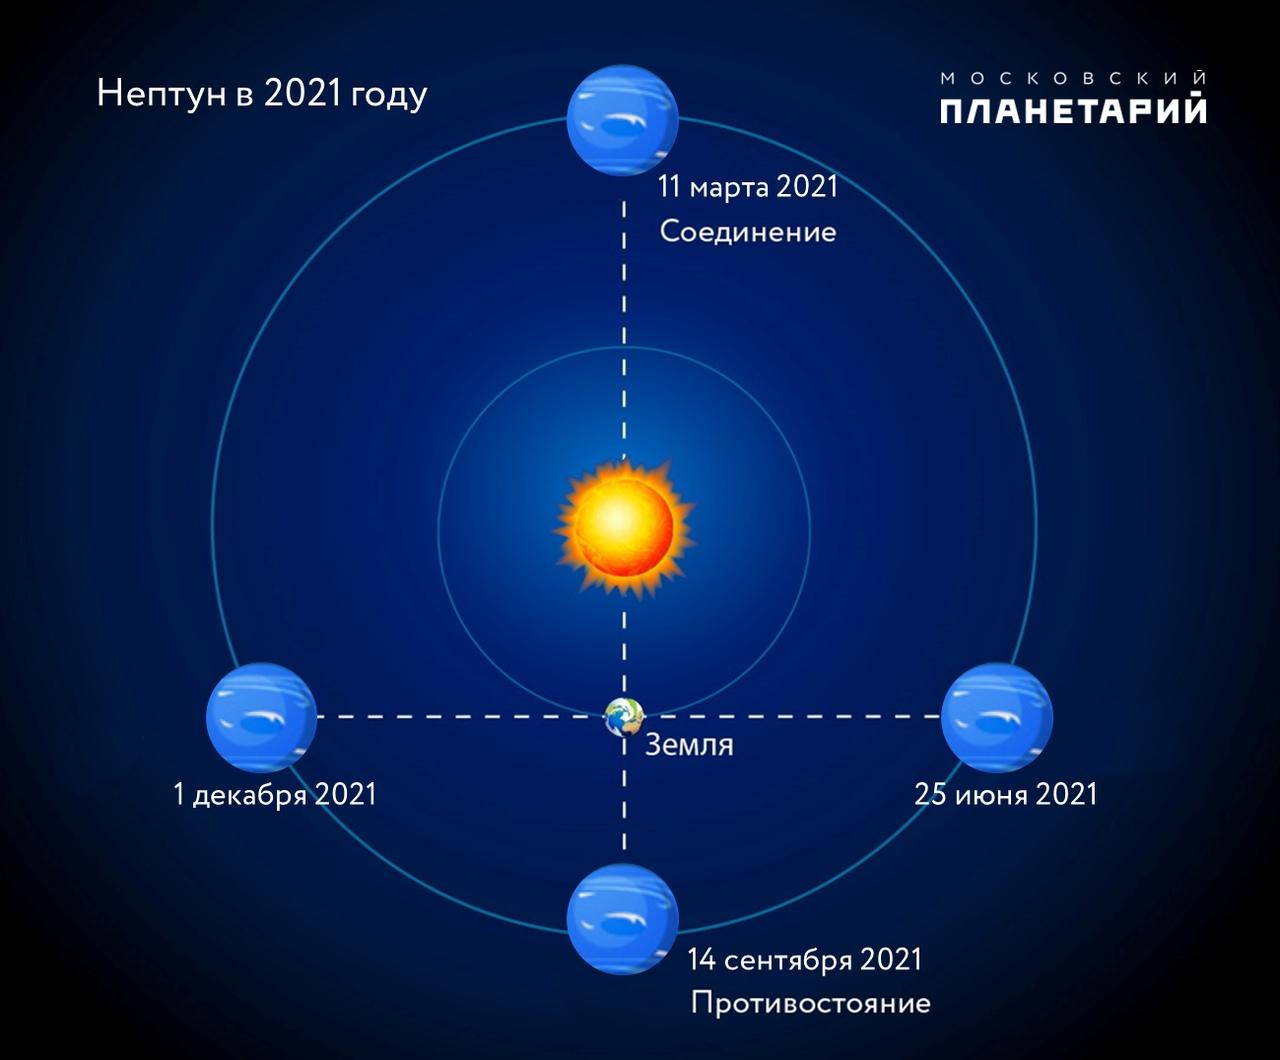 Тамбовчане через телескоп смогут наблюдать за сближением двух планет